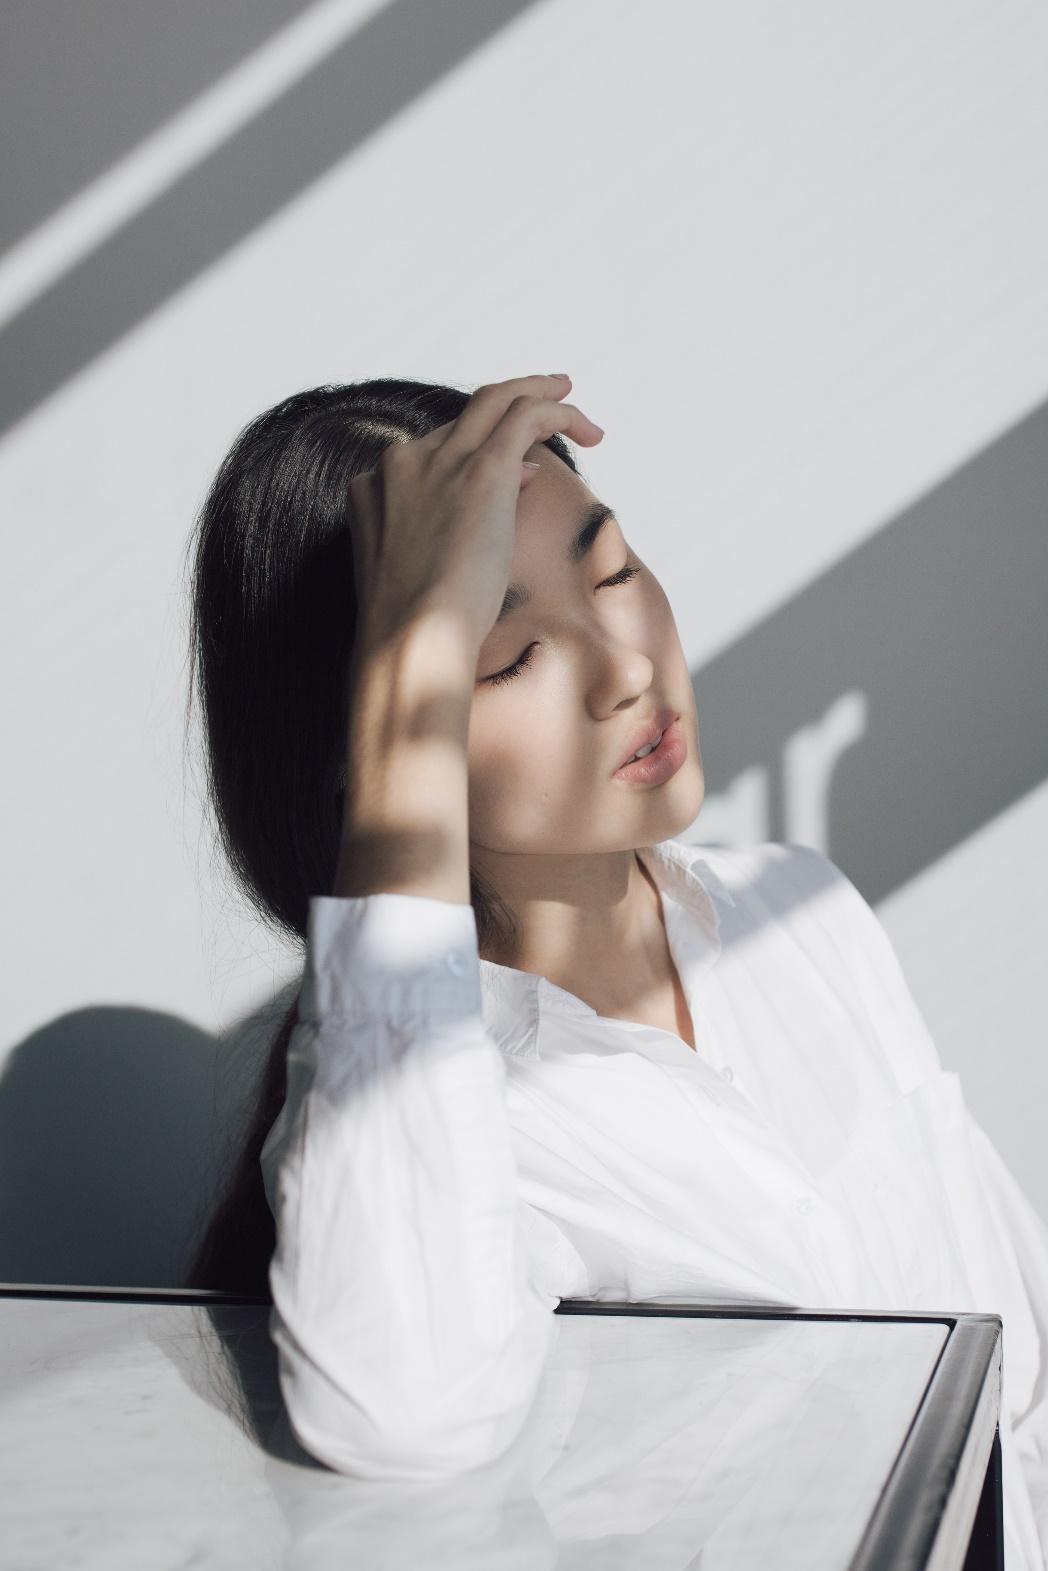 chăm sóc da cô gái tóc đen dài mặc áo sơmi trắng